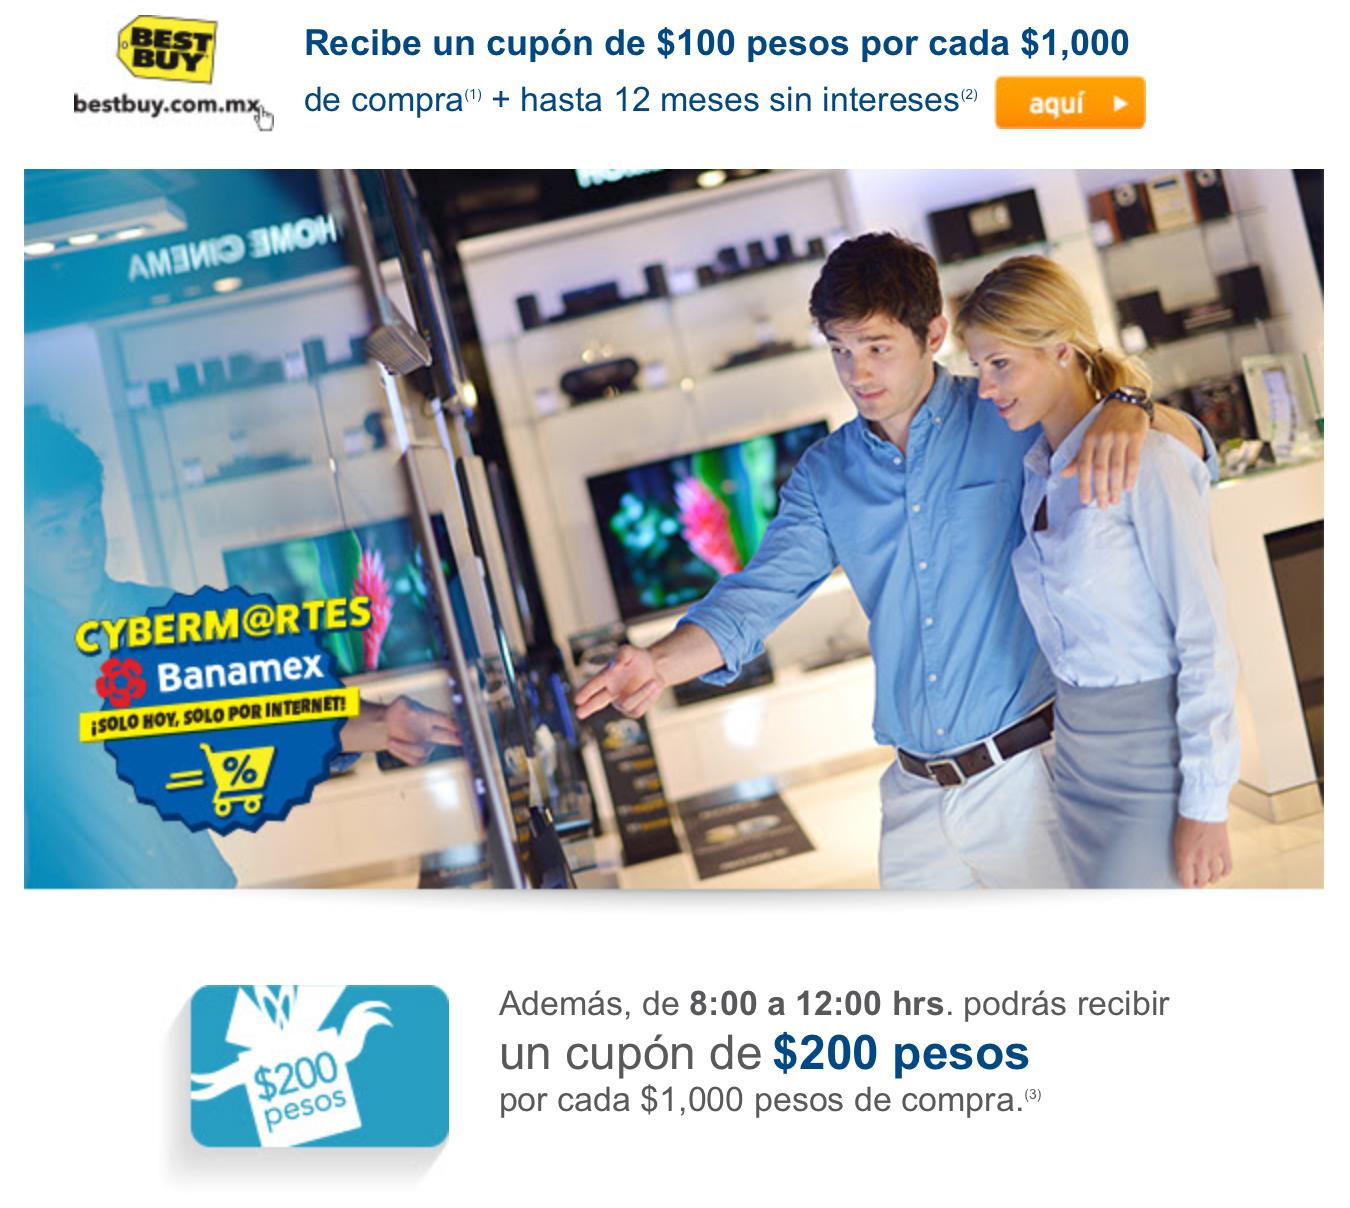 Best Buy: CyberMartes Banamex $200 x cada $1000 en vales